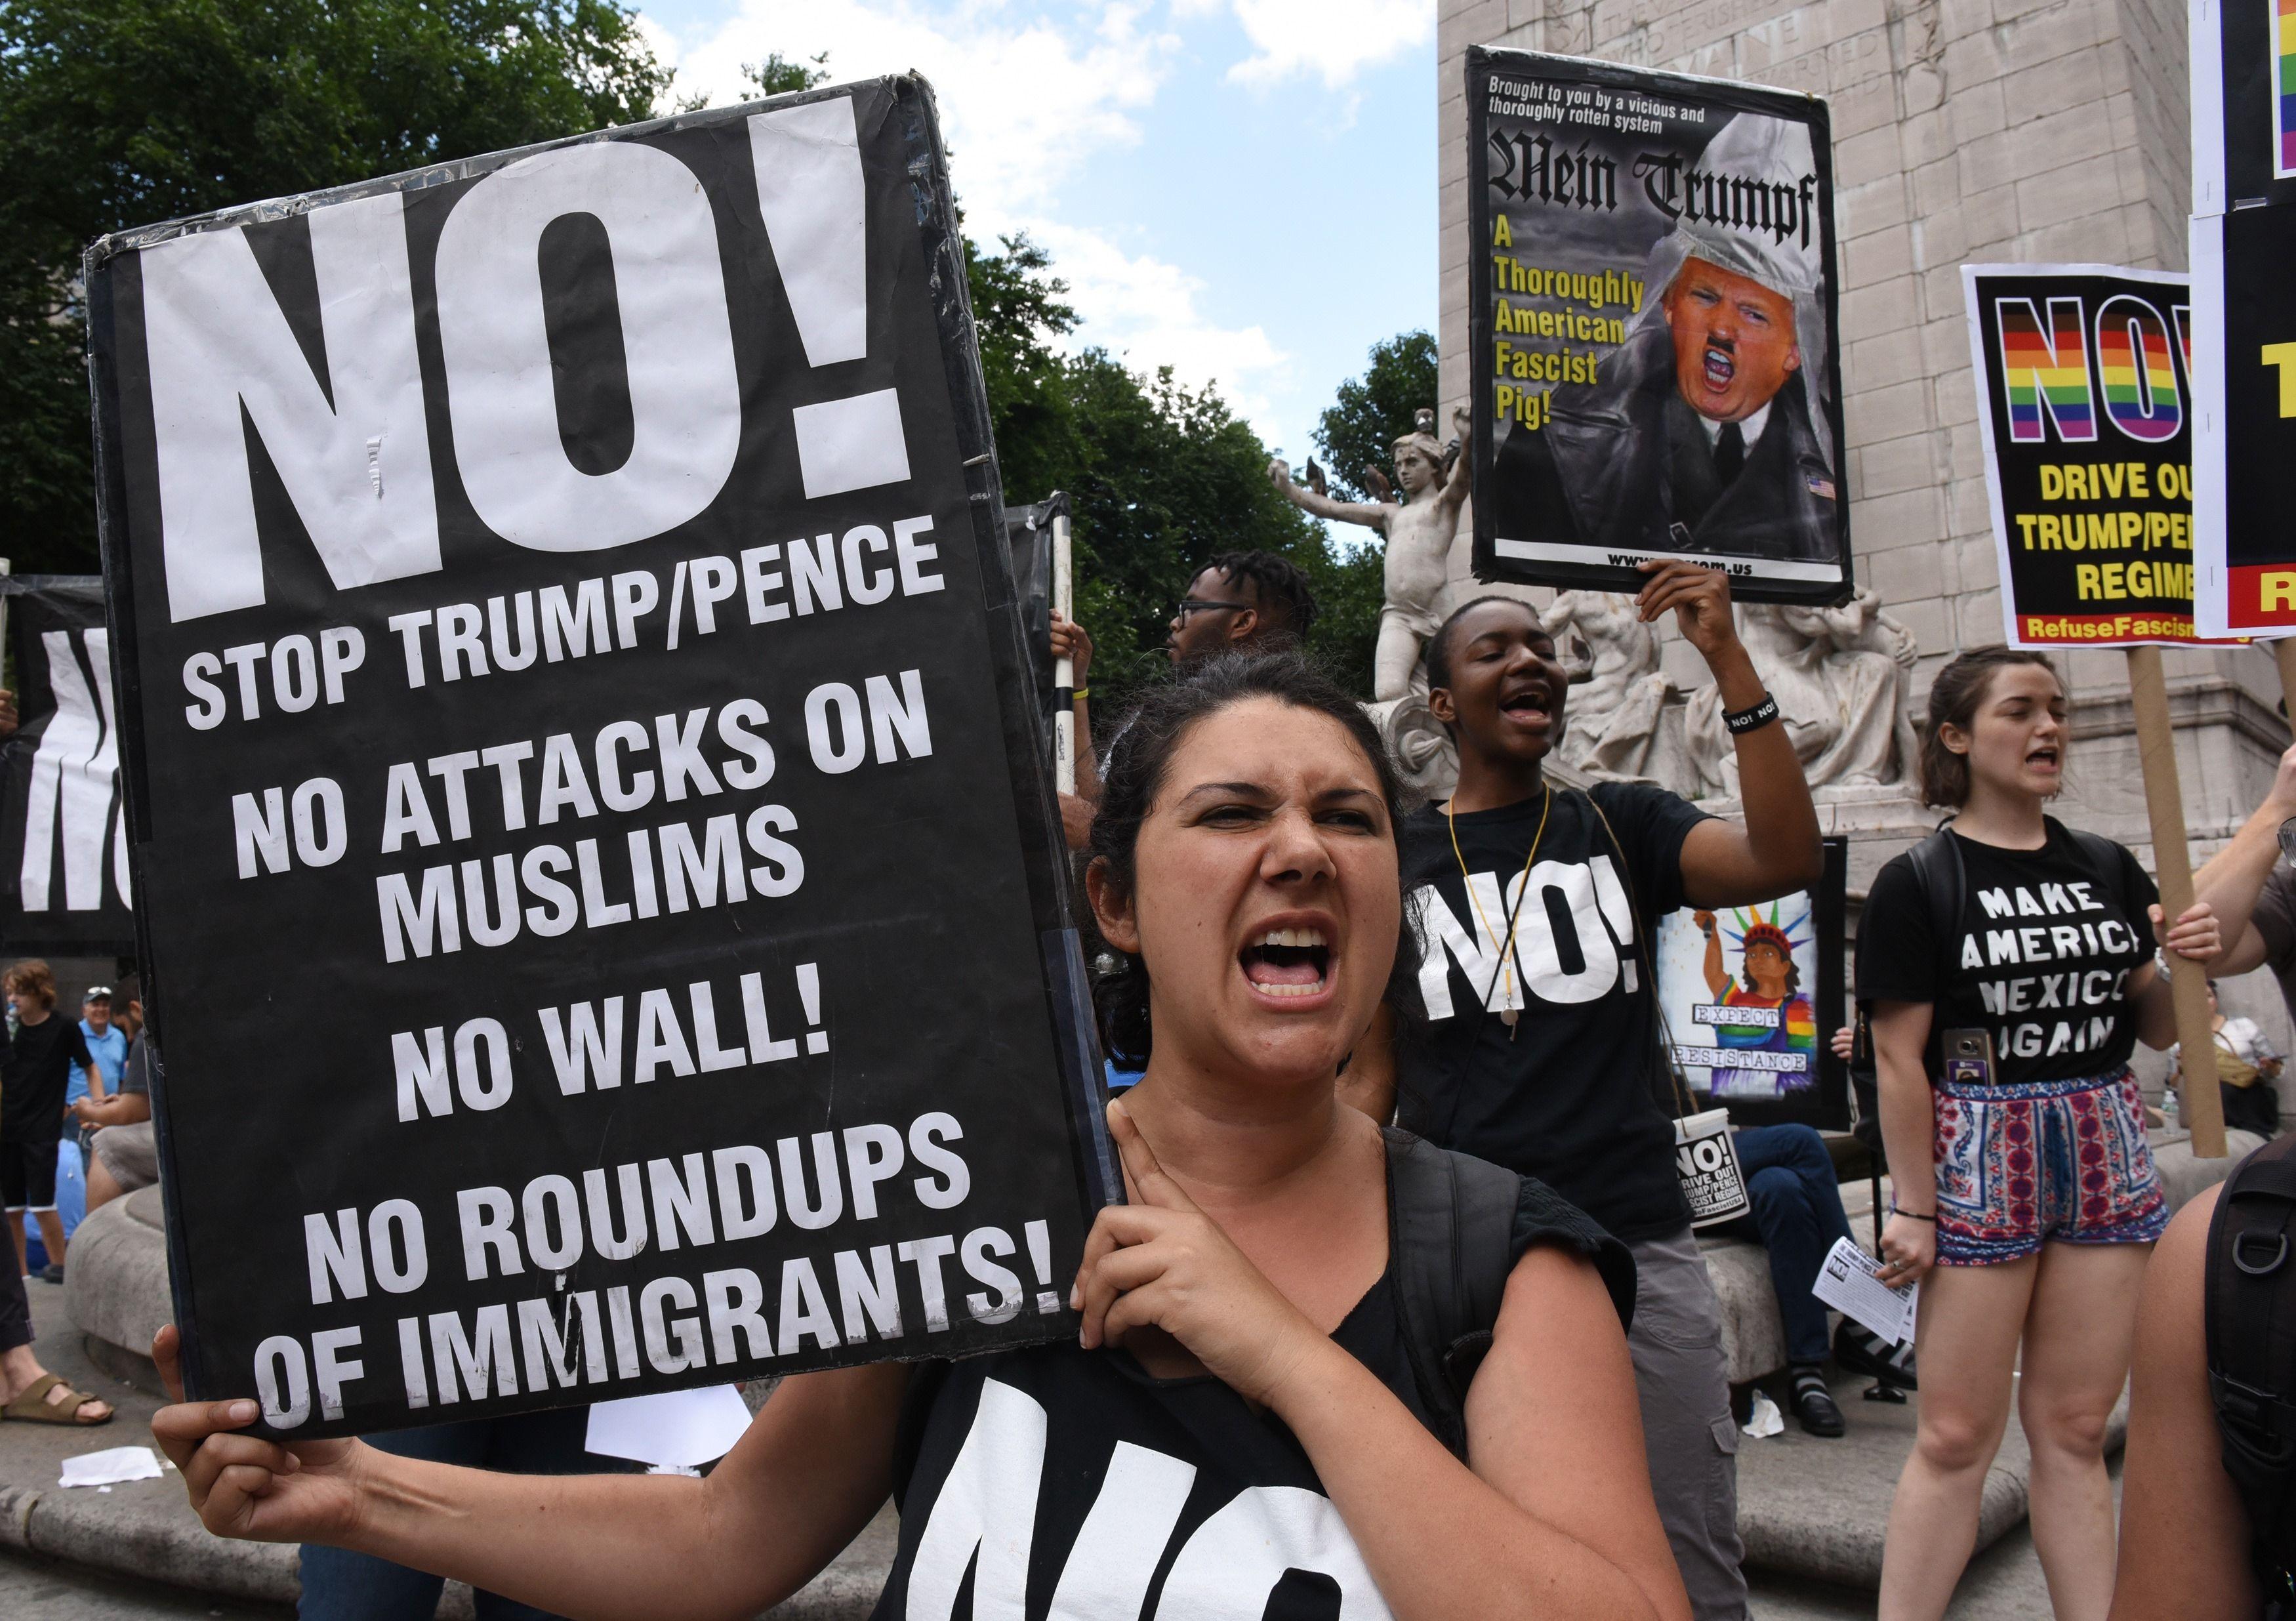 Em vitória para Trump, Supremo acata parte do veto migratório | Internacional